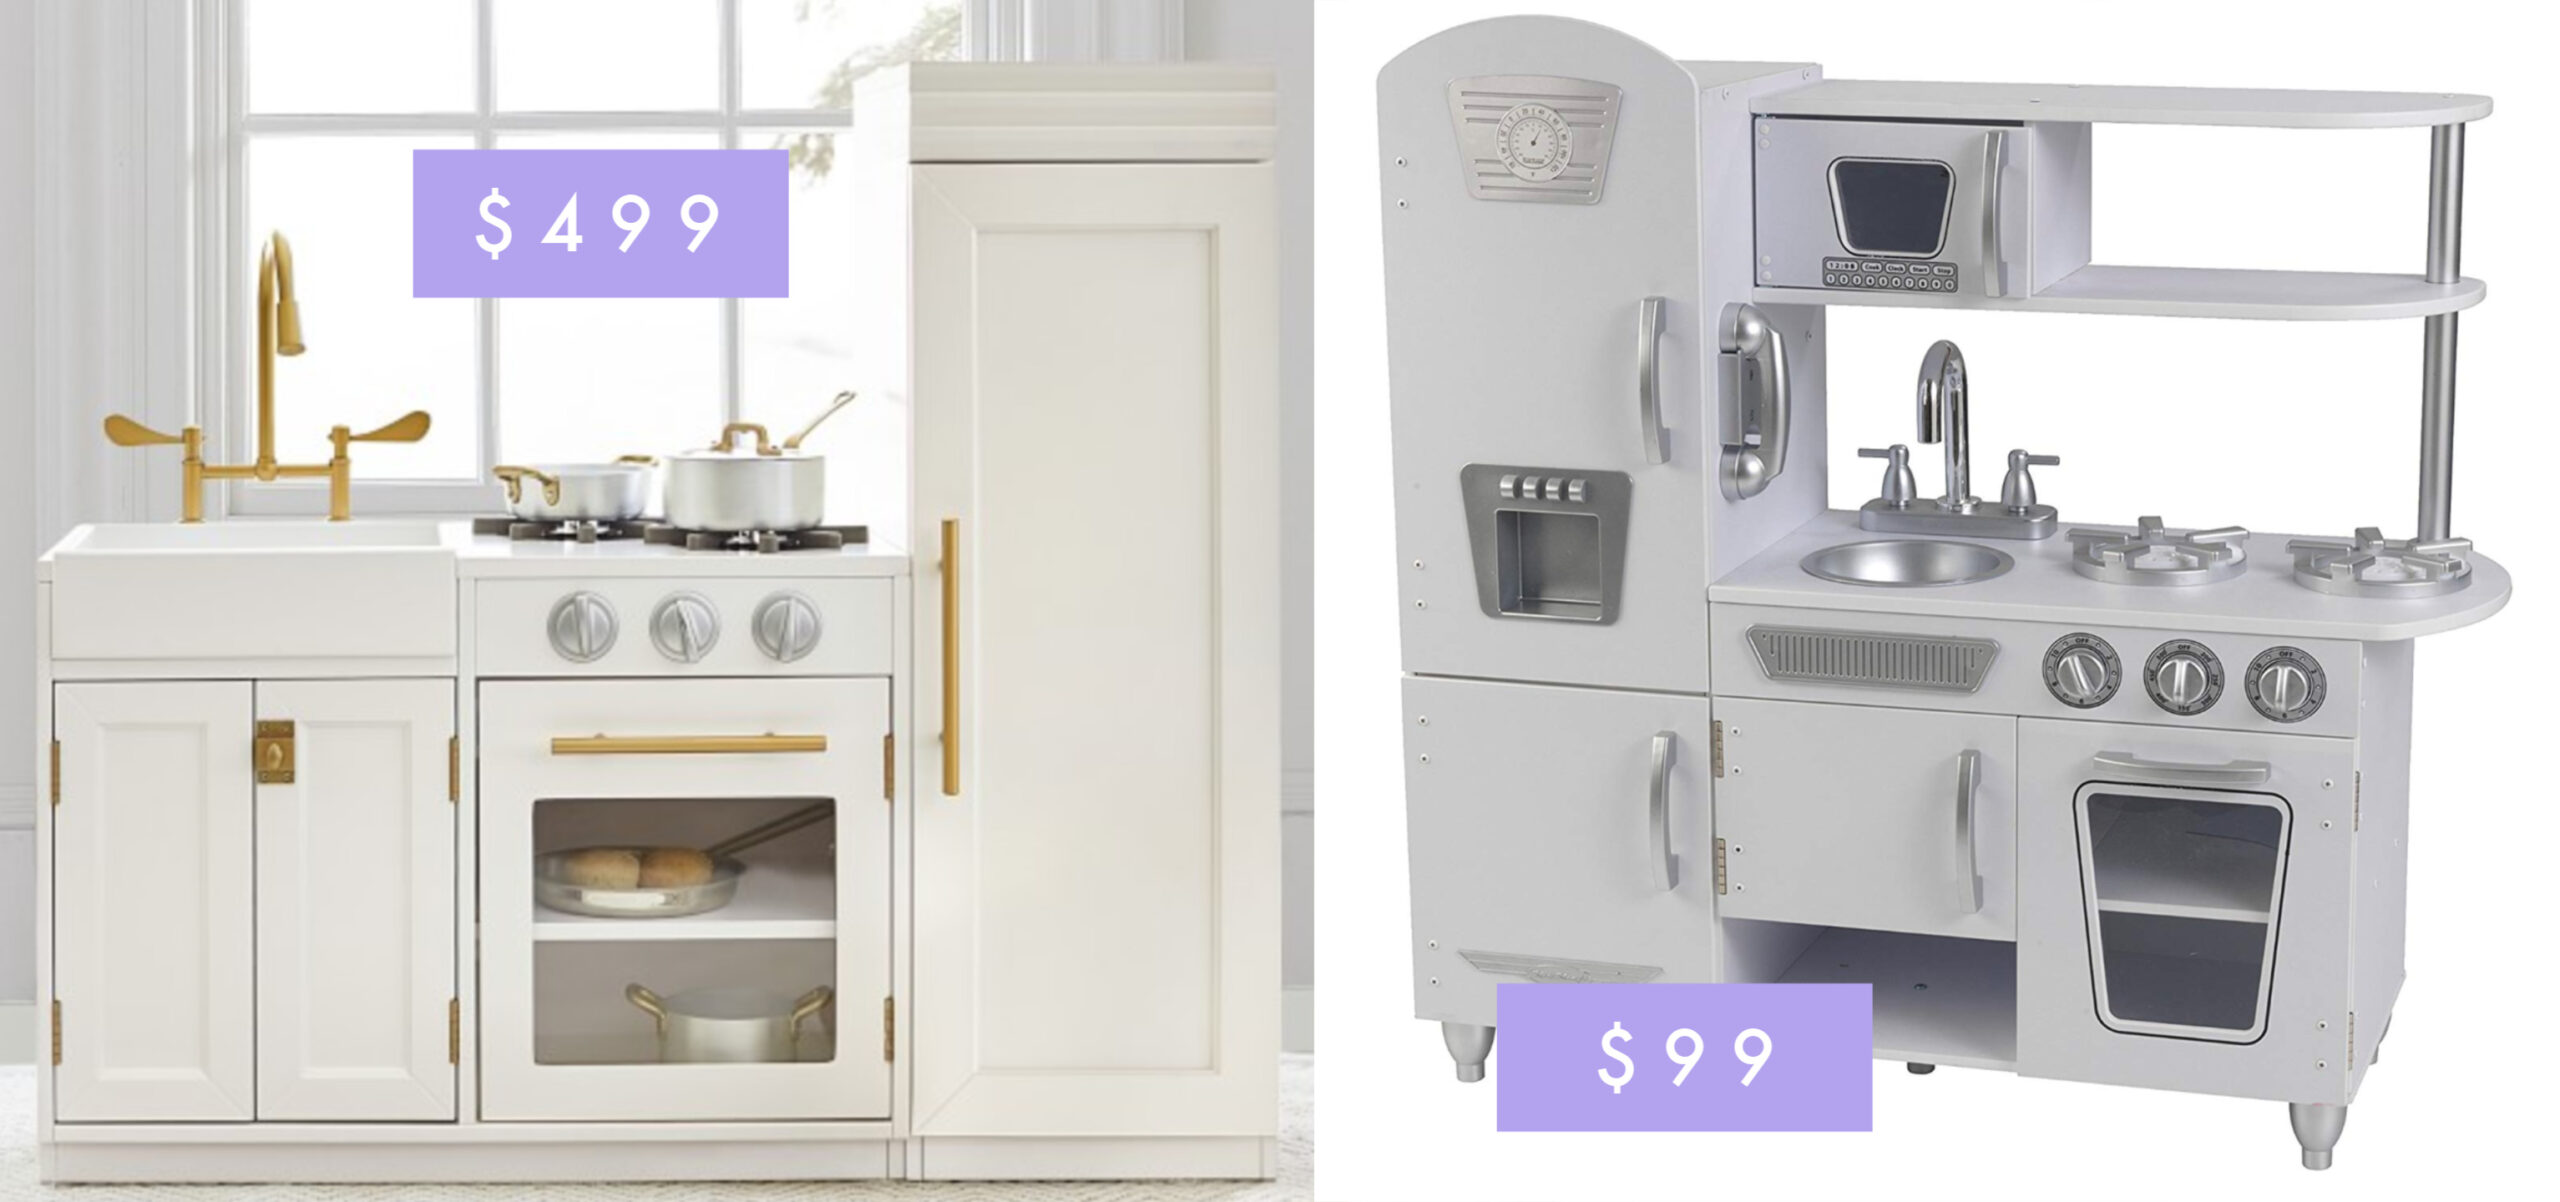 $99 Amazon Play Kitchen Review angela lanter hello gorgeous